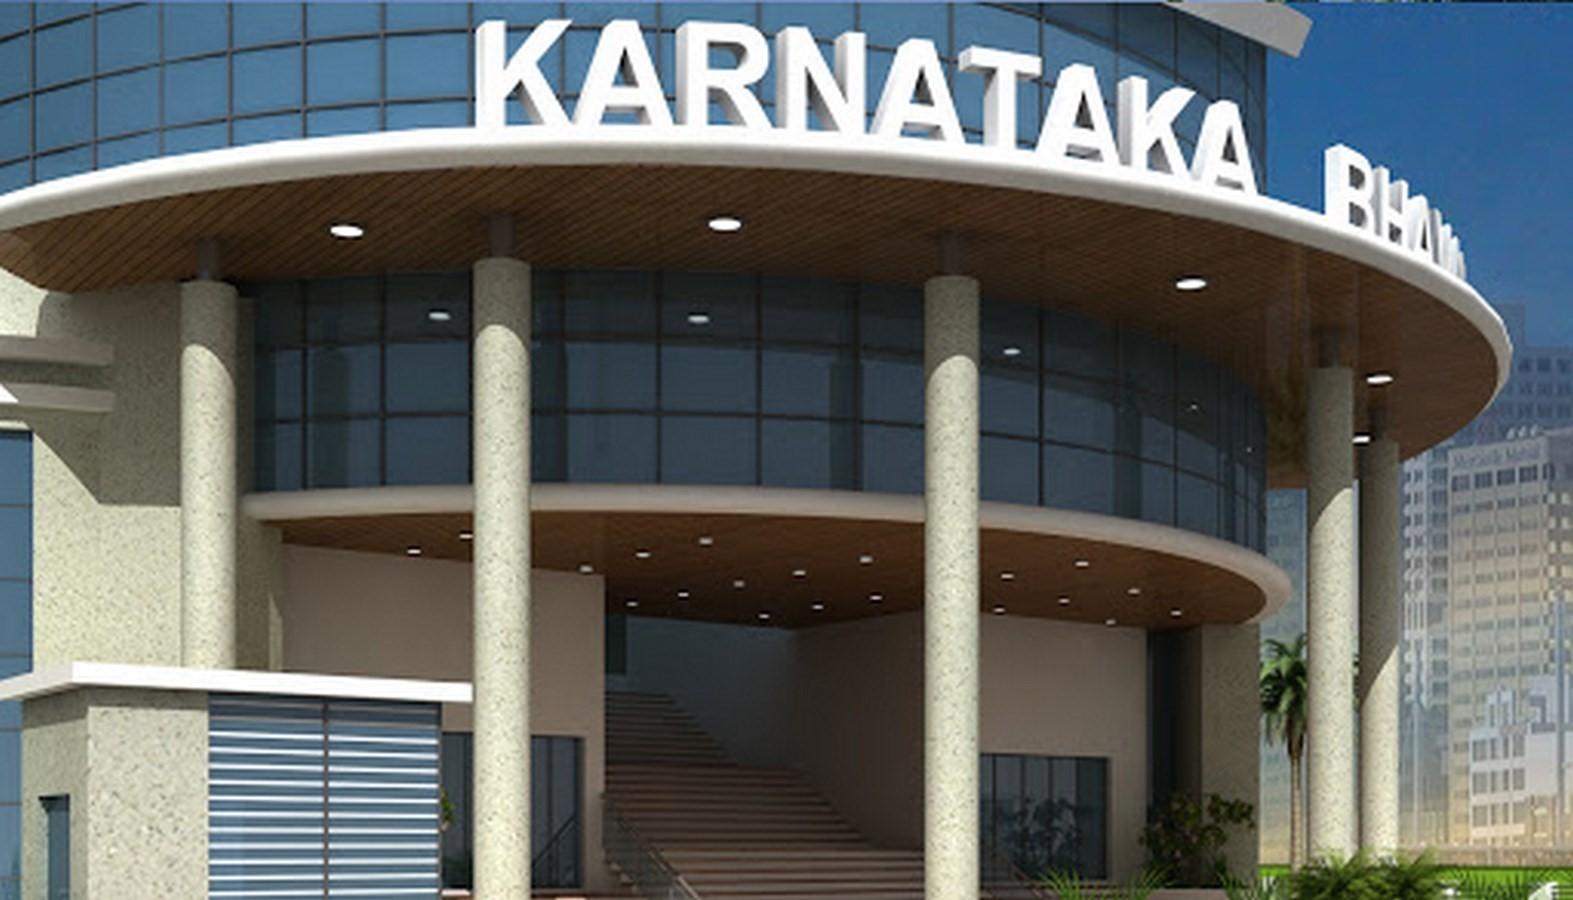 Karnataka Bhavan - Sheet2